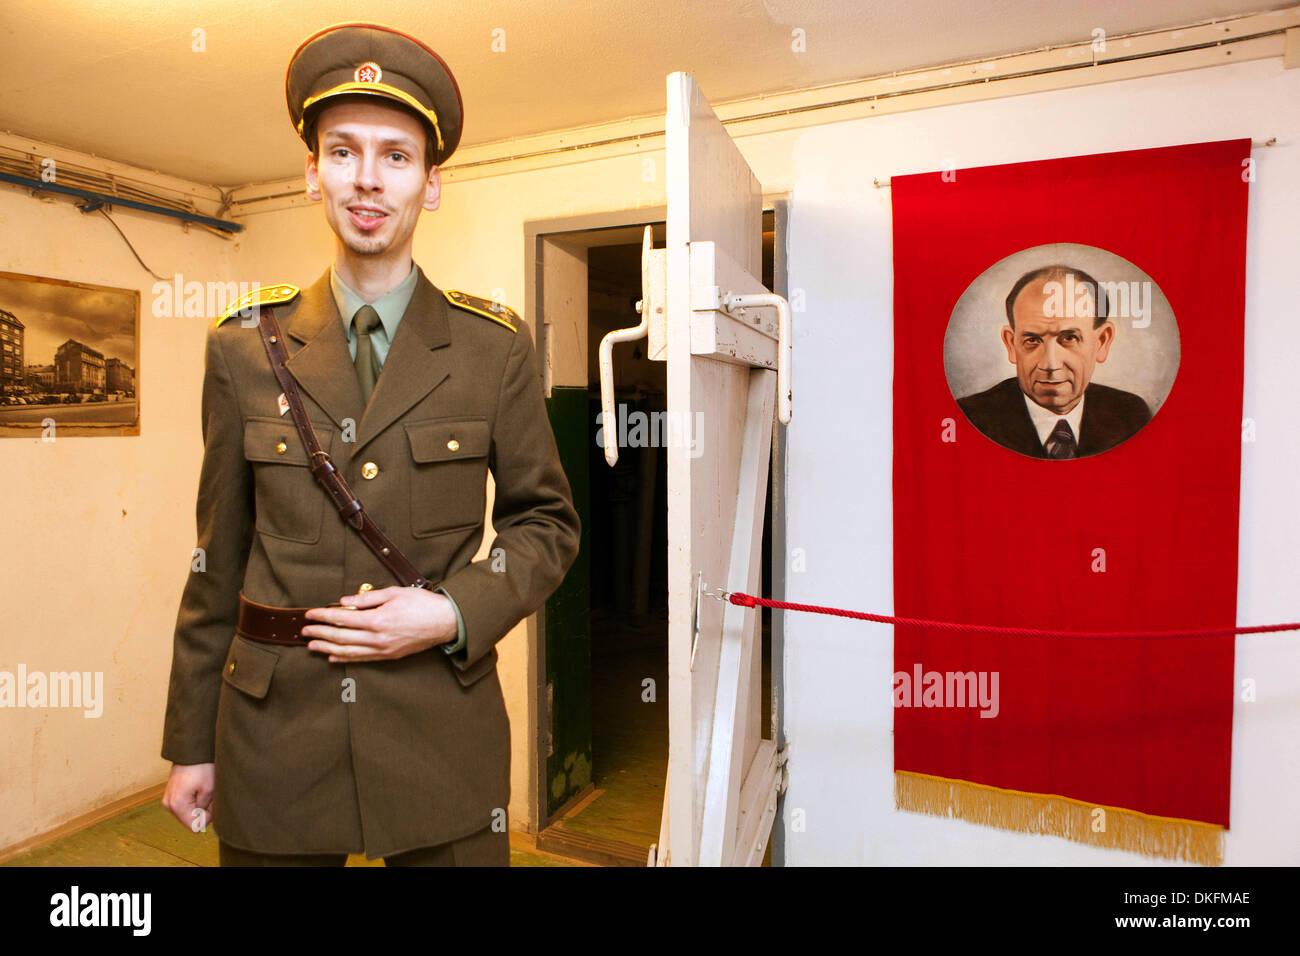 Spy Museum en Jalta Hotel. El subterráneo del hotel está el Museo de la guerra fría. Praga, República Checa, un hombre en uniforme de la era comunista Imagen De Stock